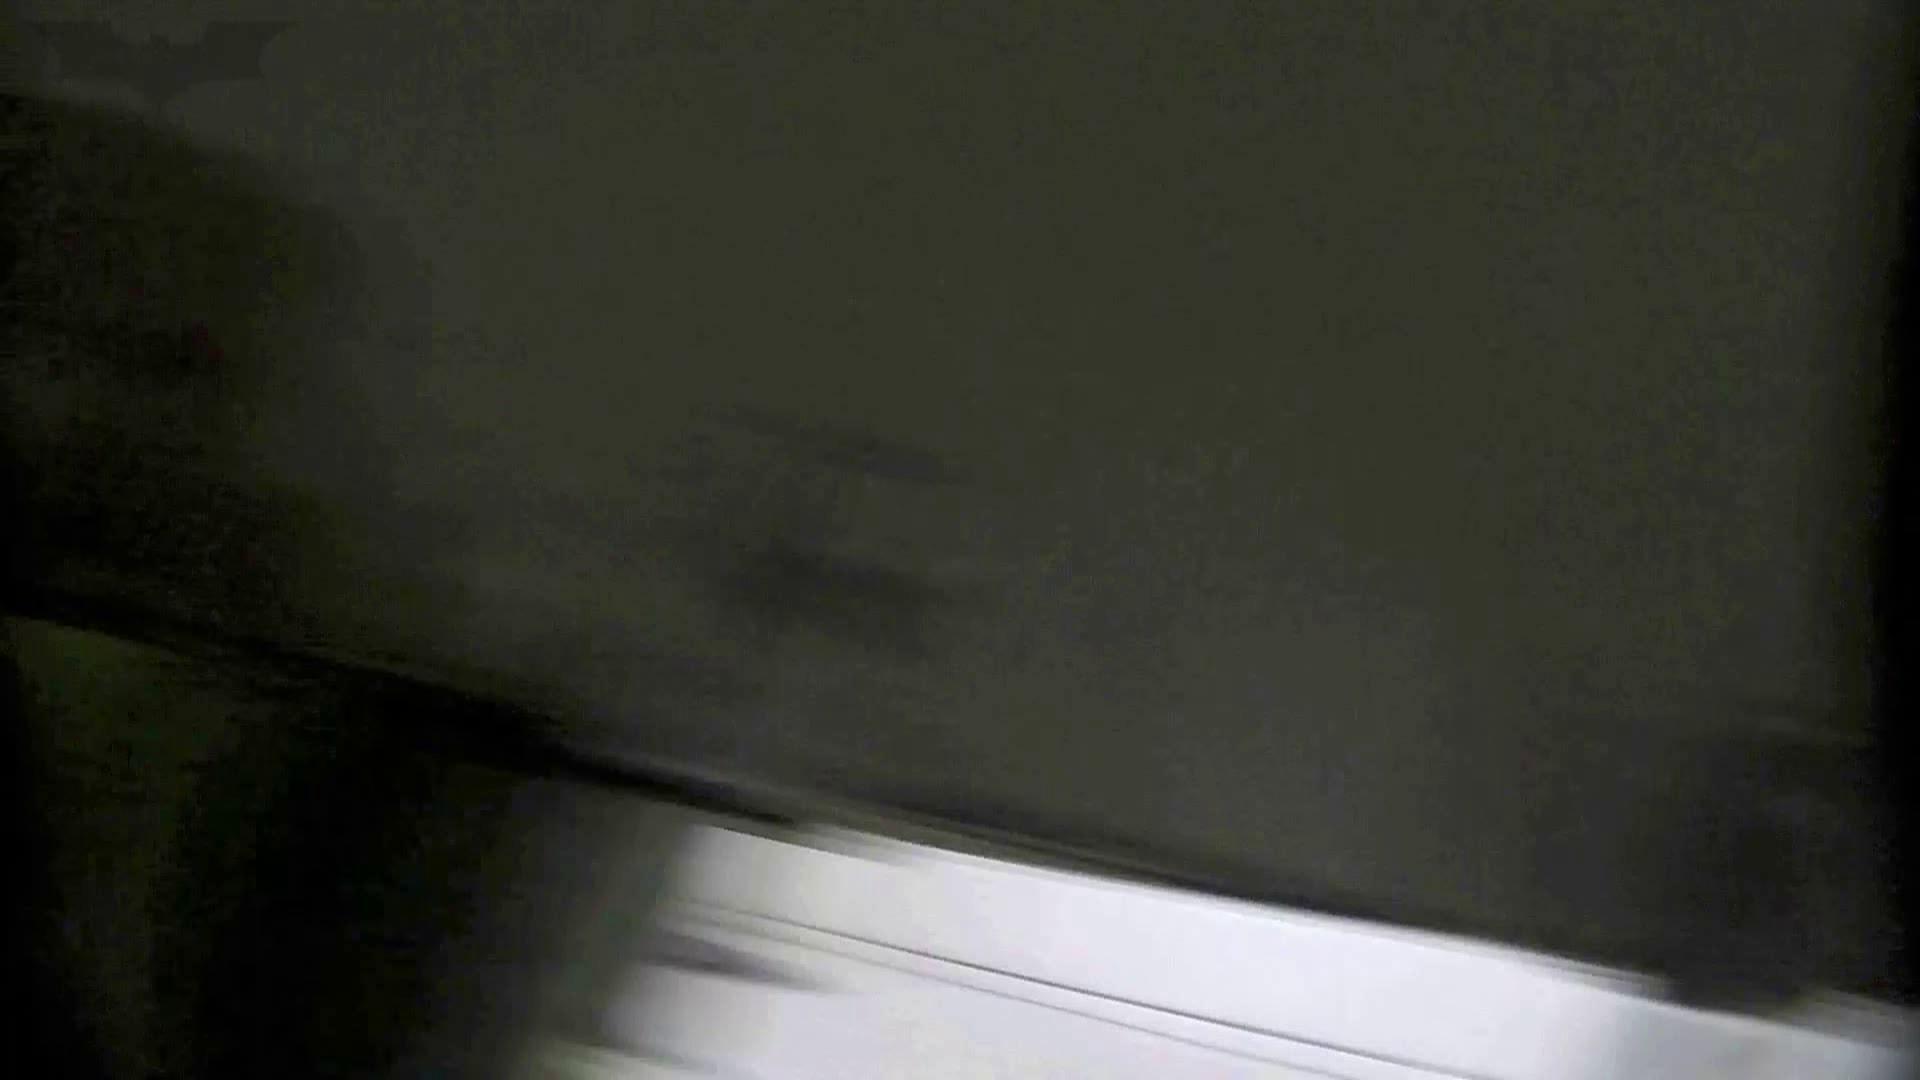 洗面所特攻隊 vol.73 ラスト3澄ました顔して、まさかの脱肛!! お姉さんのSEX おめこ無修正画像 78枚 27